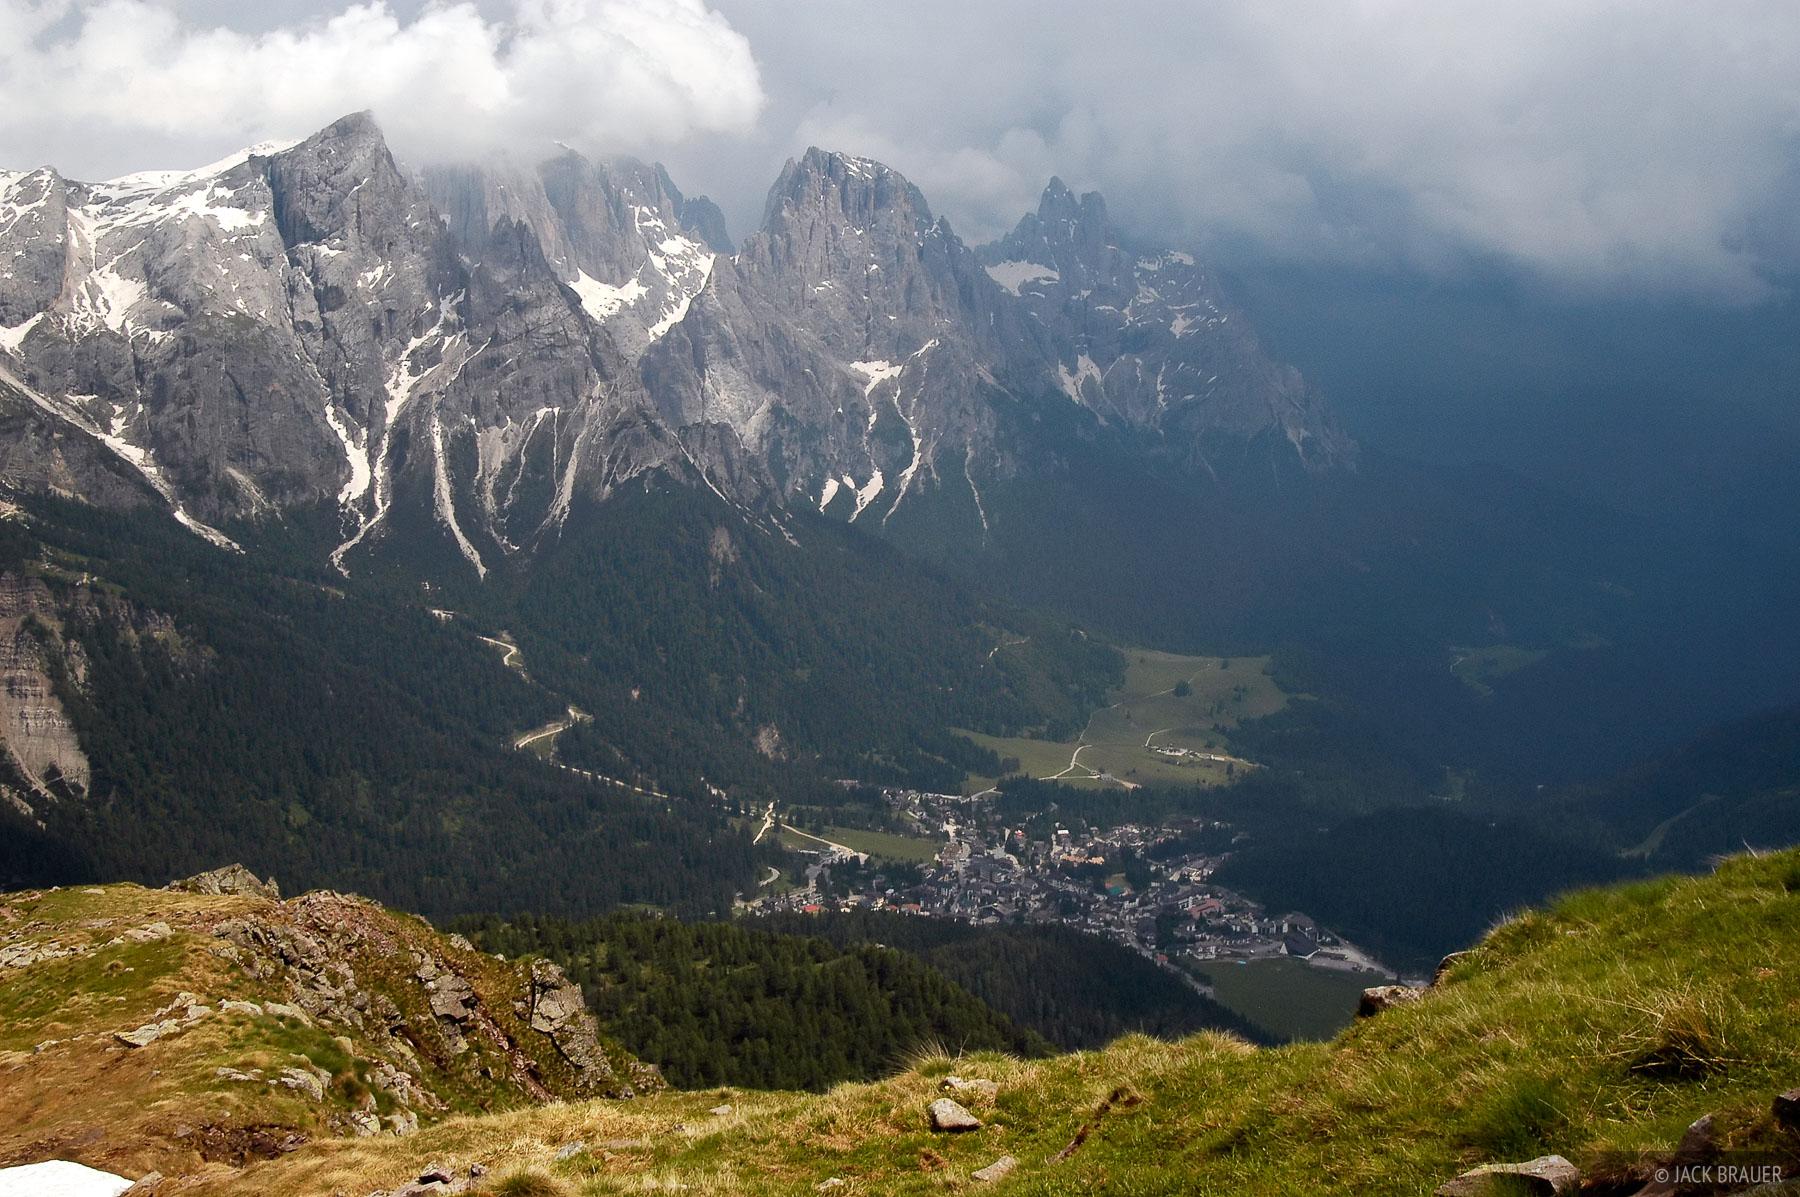 Cavallazza, San Martino di Castrozza, Dolomites, Italy, photo